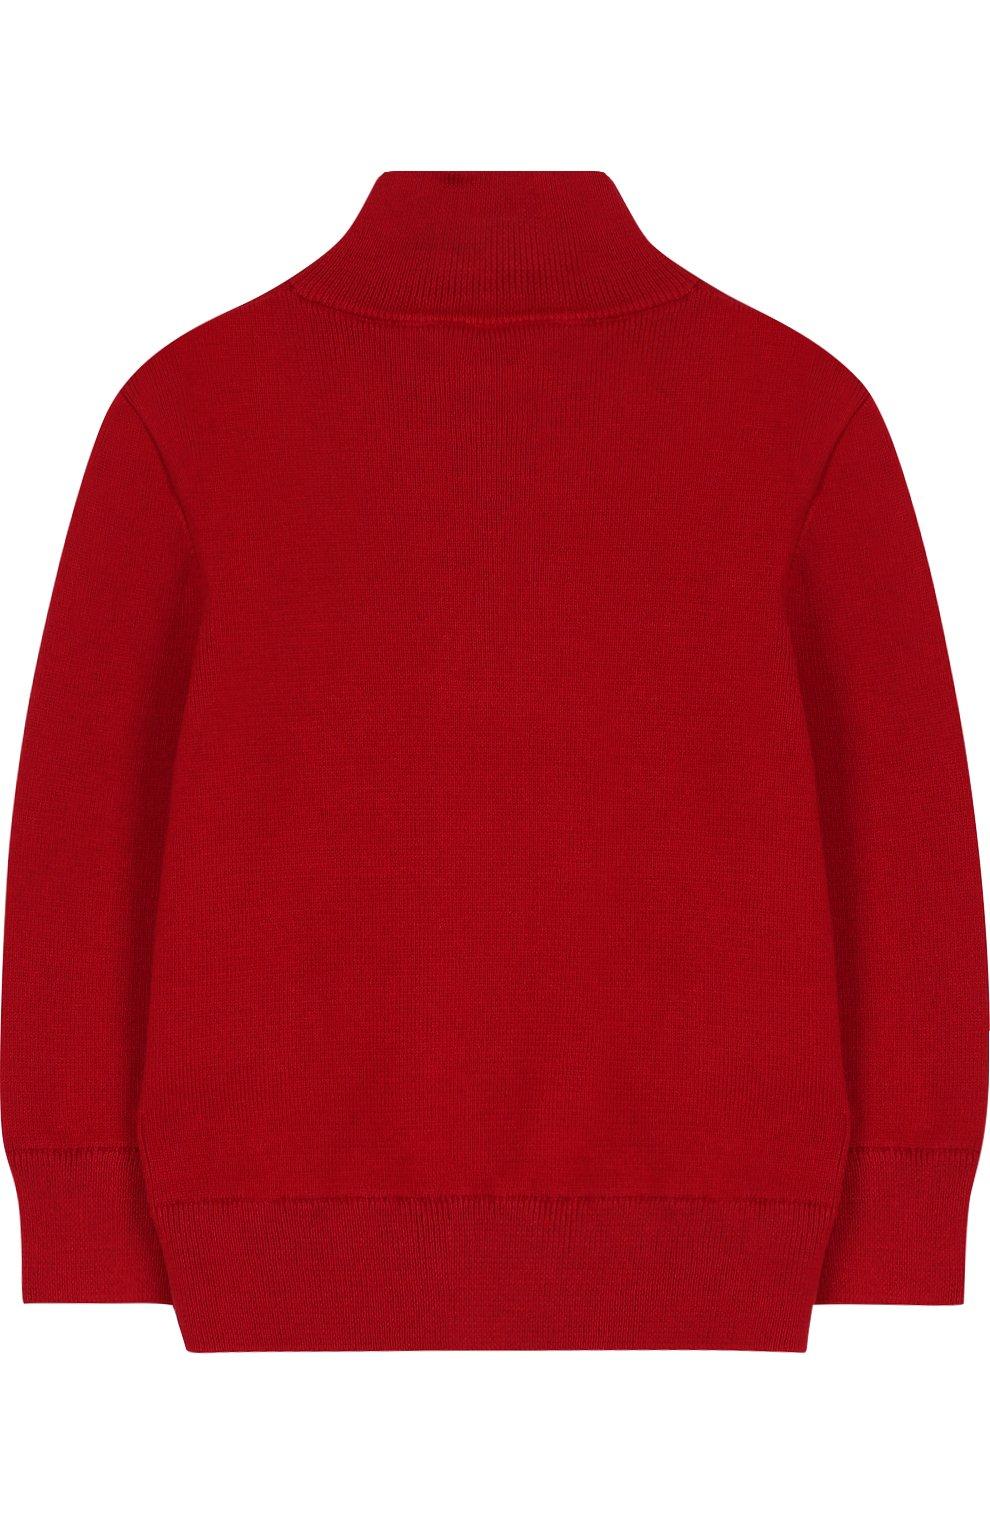 Вязаный свитер с логотипом бренда и воротником на молнии   Фото №2